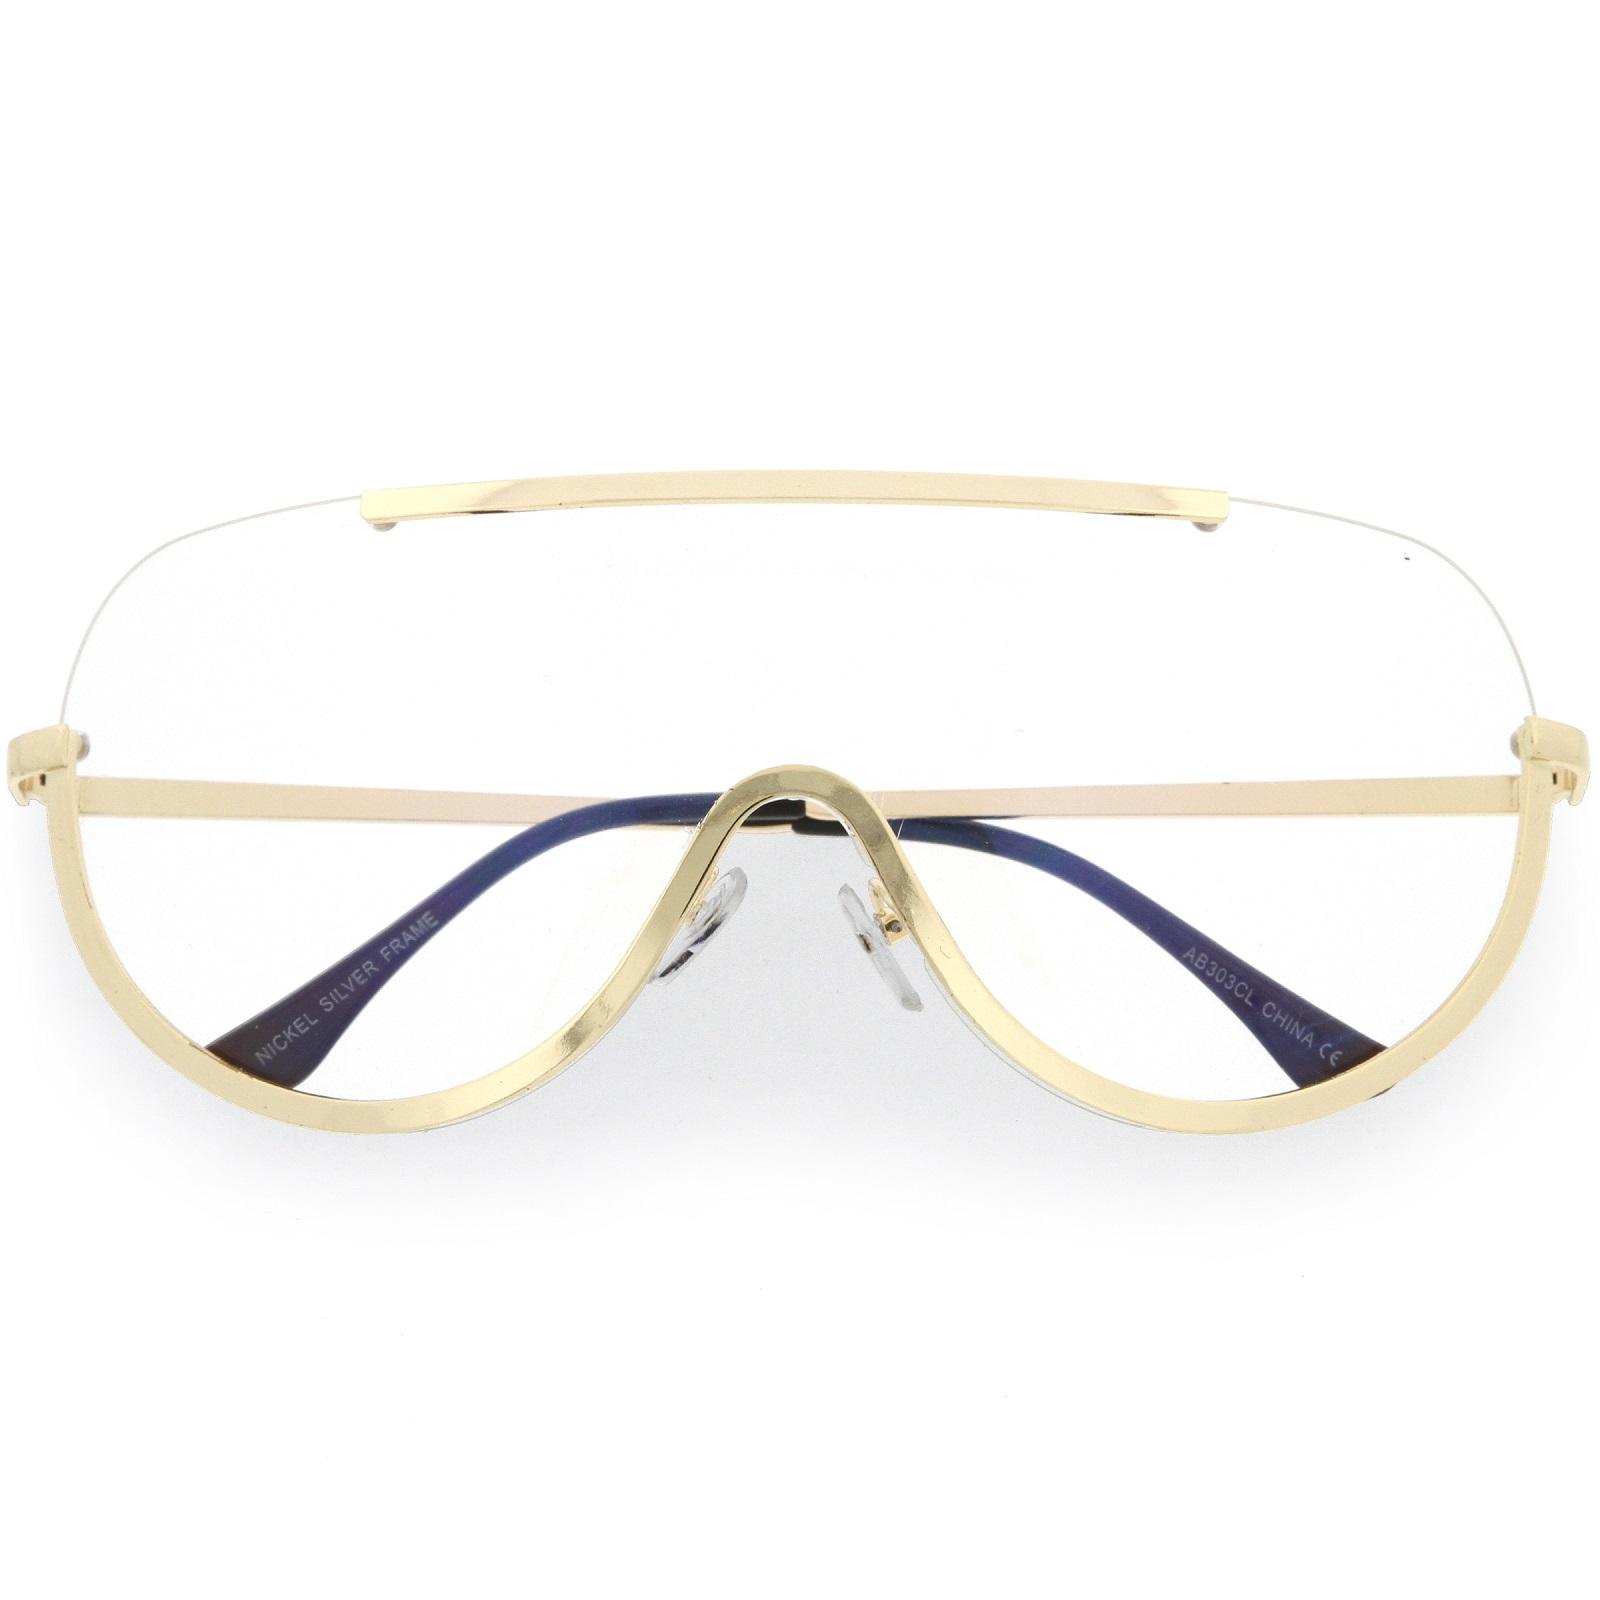 sugnlassla Grande Semi Montura Al Aire gafas borde metálico CLARO ...